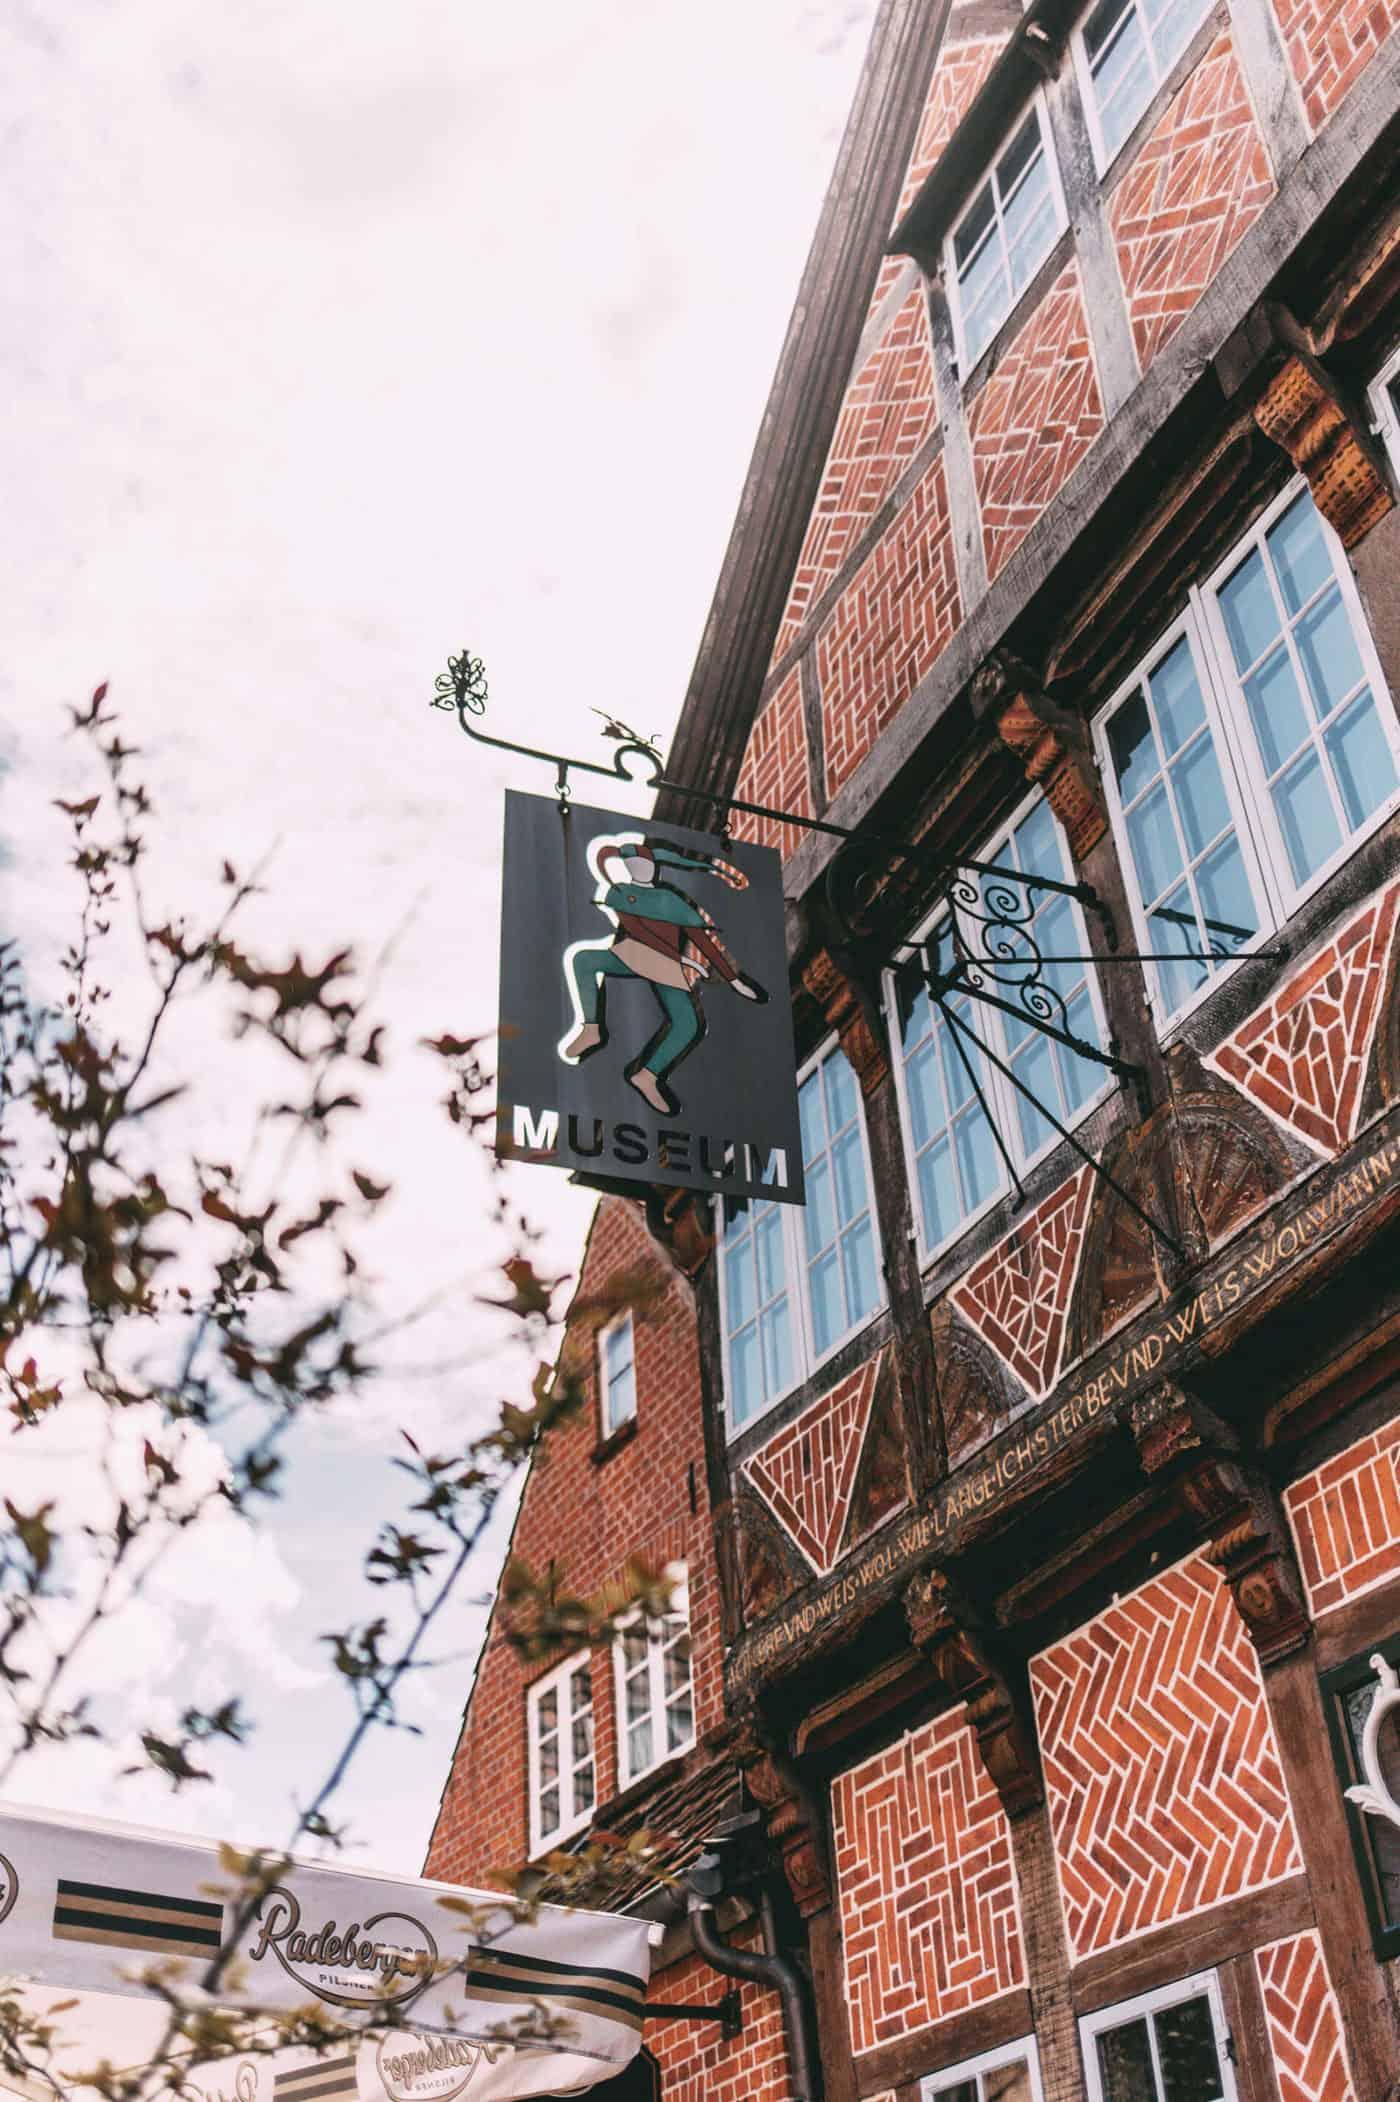 Schild Eulenspiegelmuseum